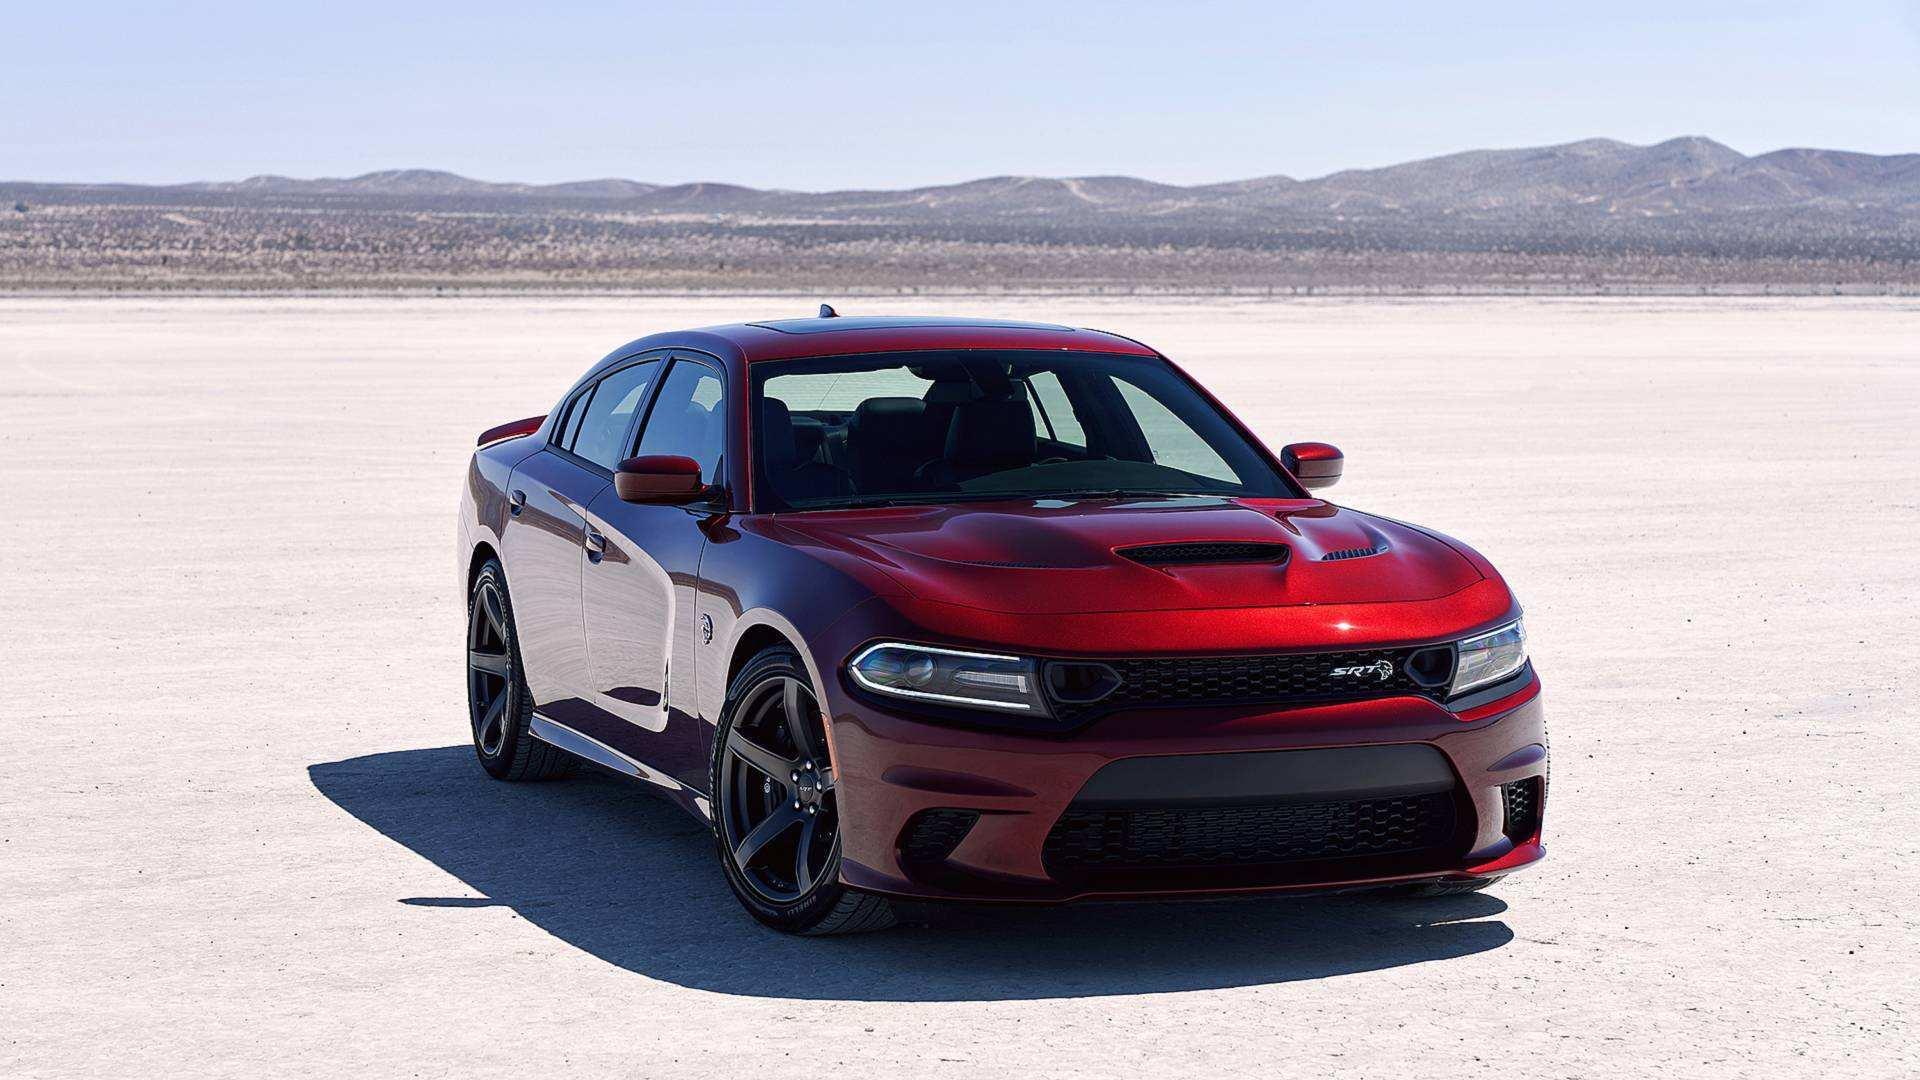 70 Concept of Dodge Models 2020 Engine with Dodge Models 2020